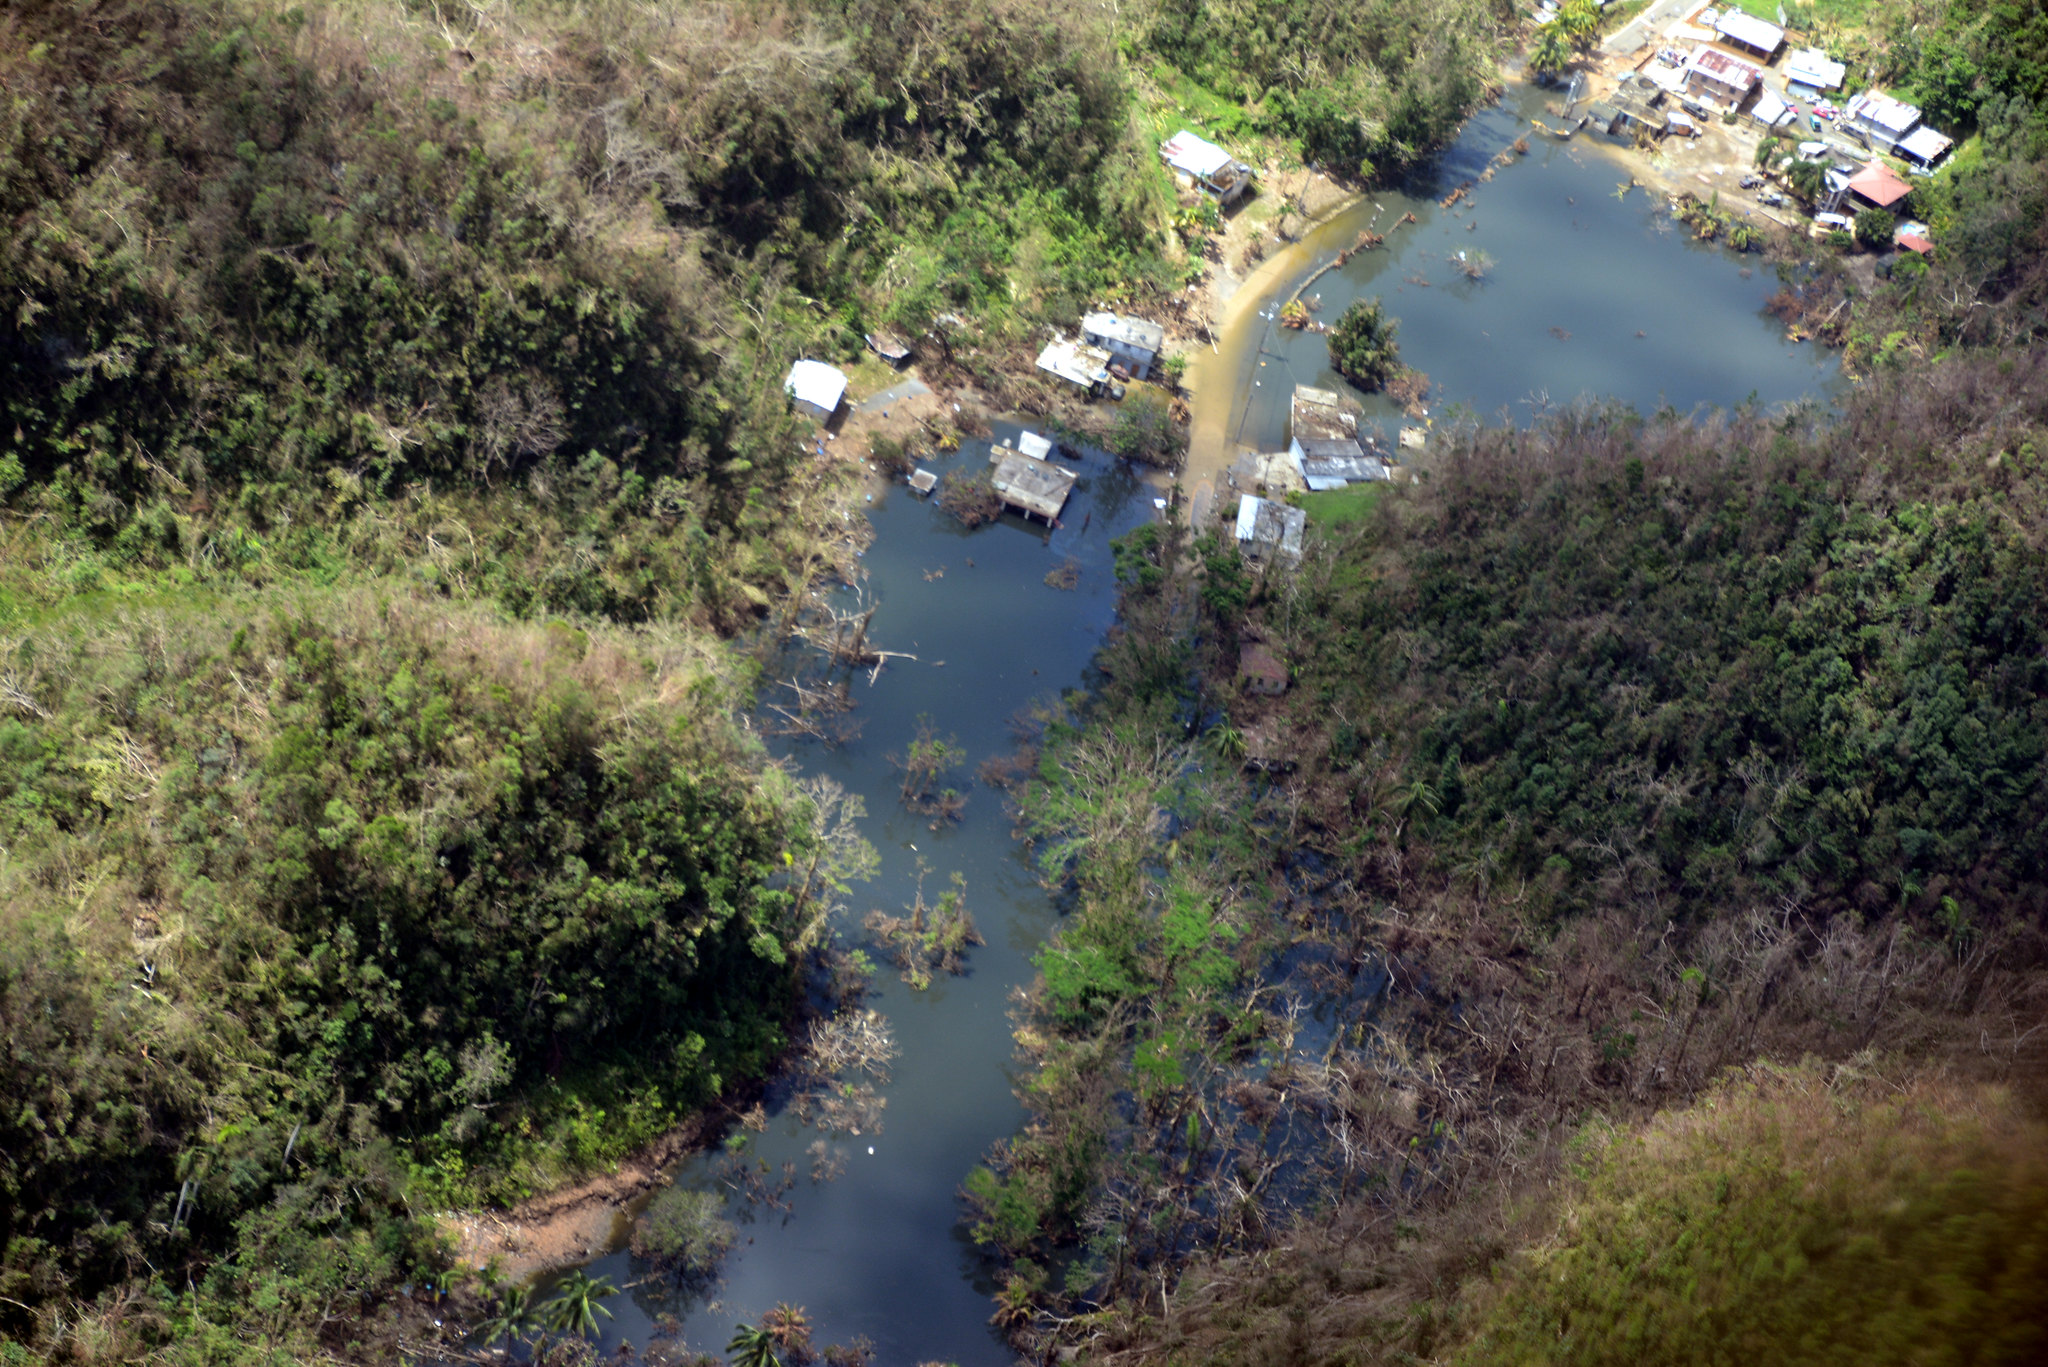 Sumideros inundados luego Maria